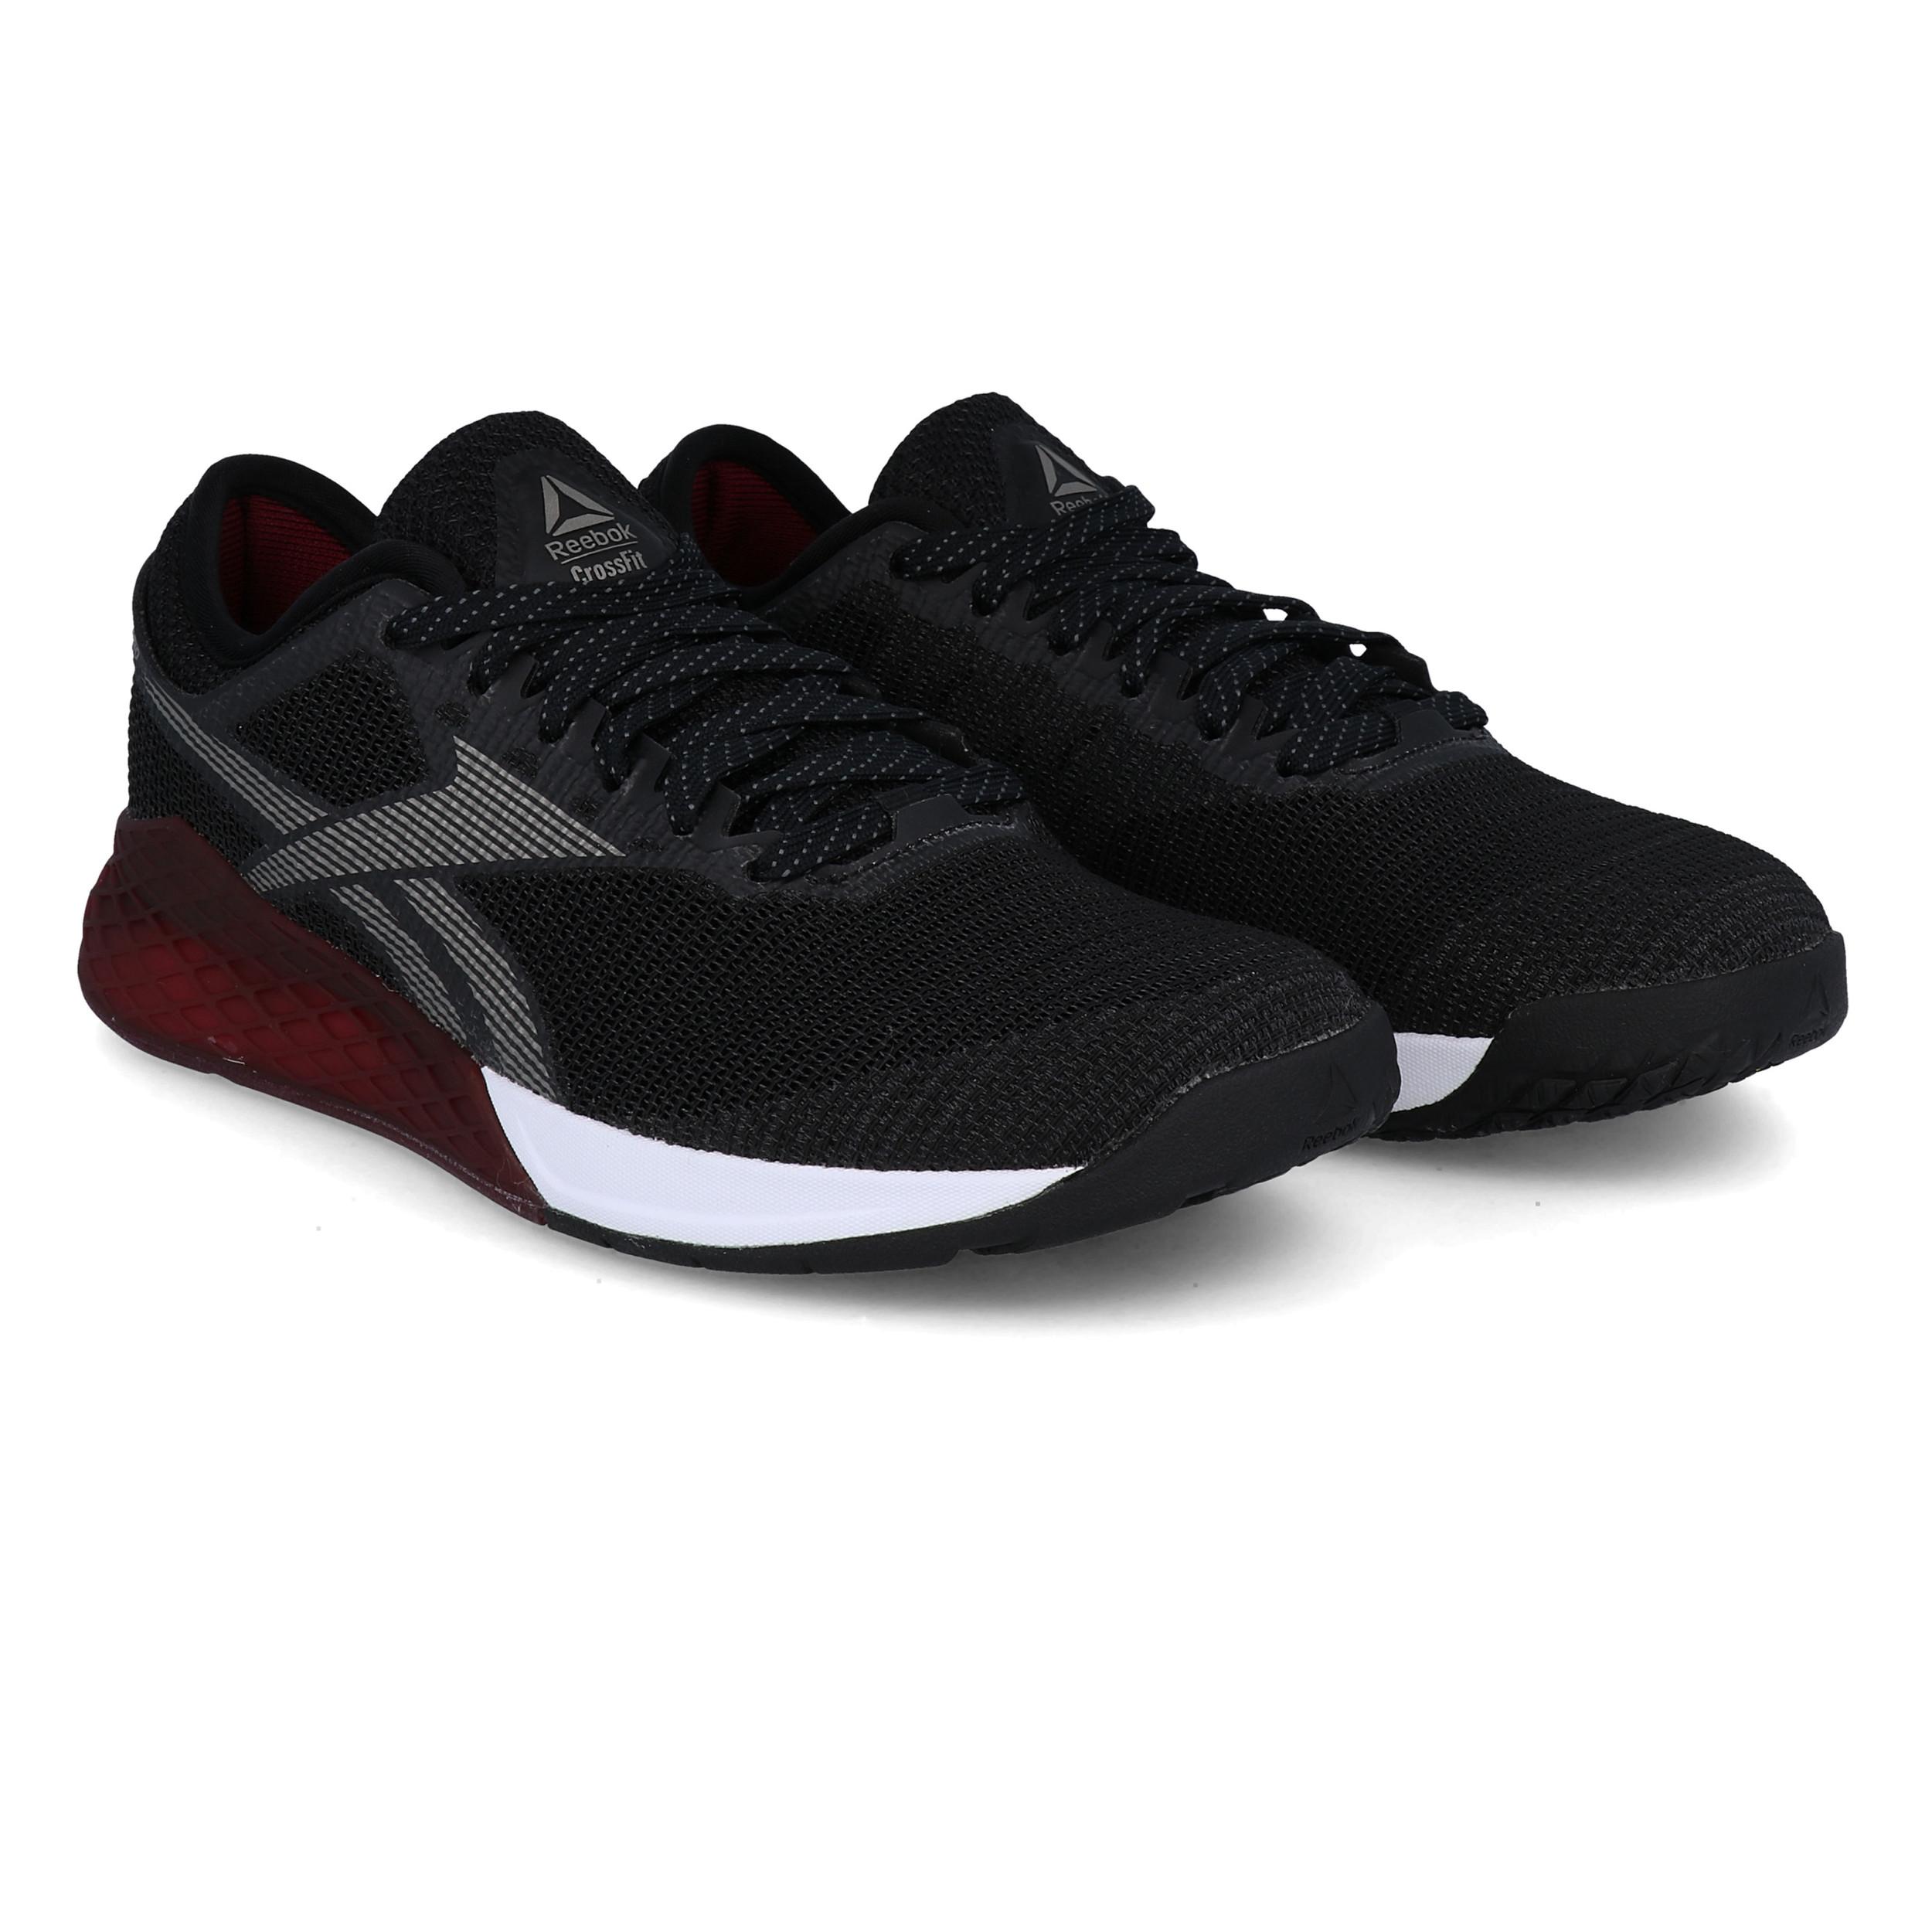 Détails sur Reebok Homme Crossfit Nano 9 Training Gym Fitness Chaussures Noir Sport Rouge afficher le titre d'origine